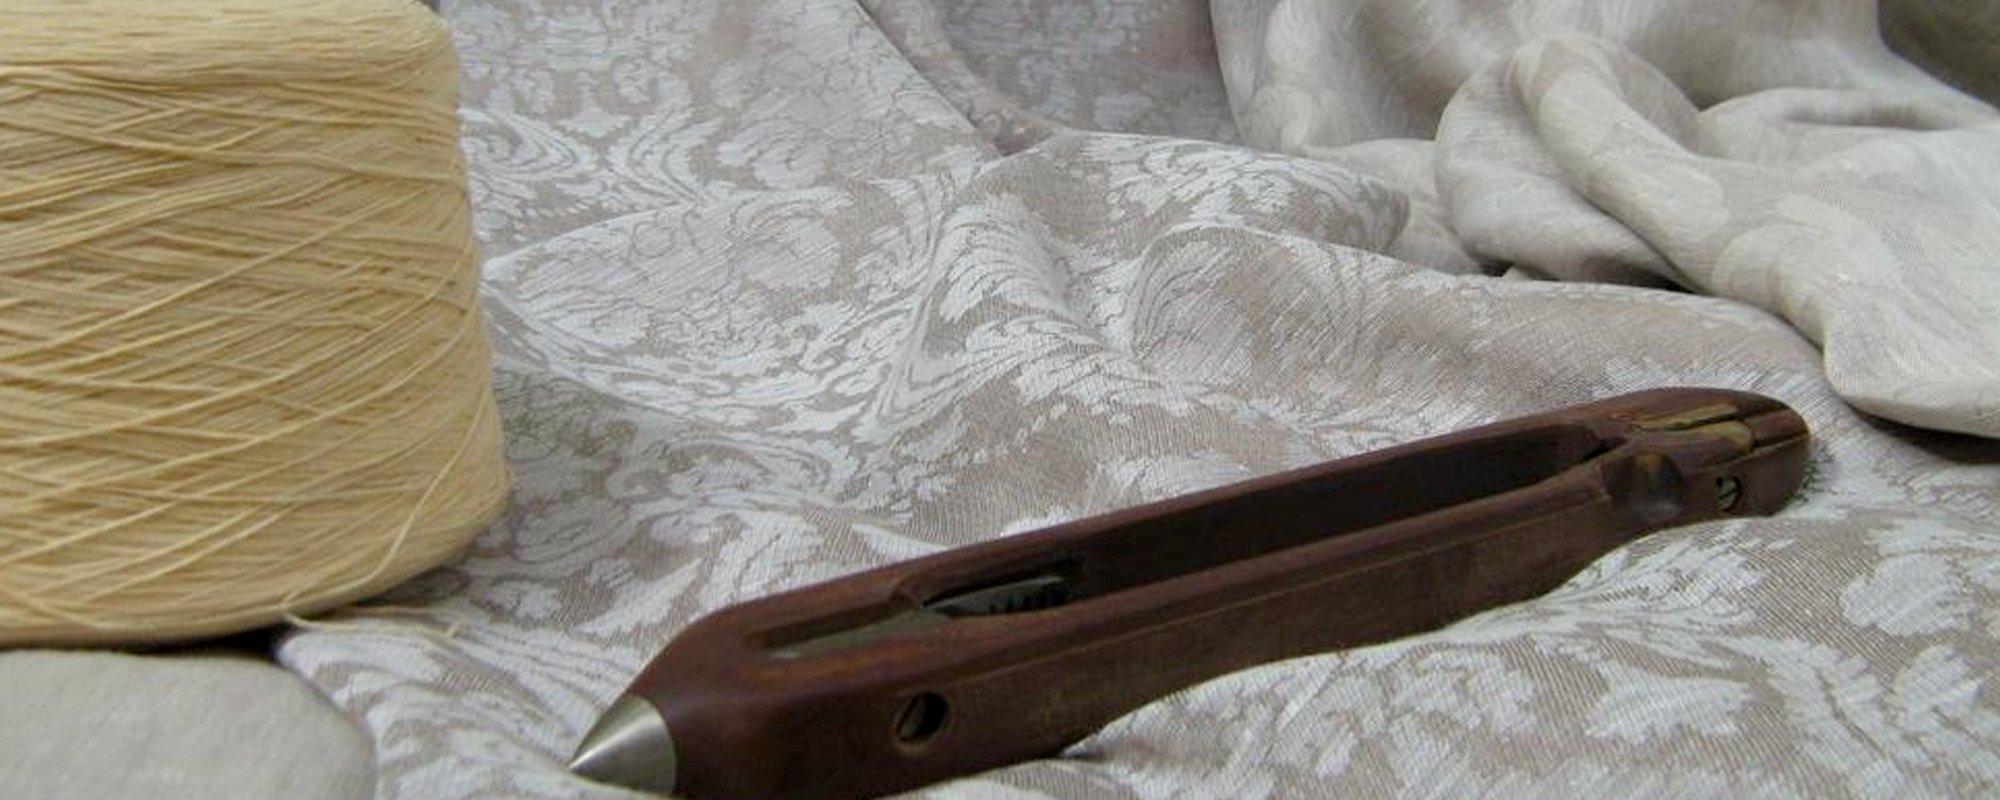 un'ampia collezione di accessori coordinati per tendaggi o qualsiasi altro tessuto